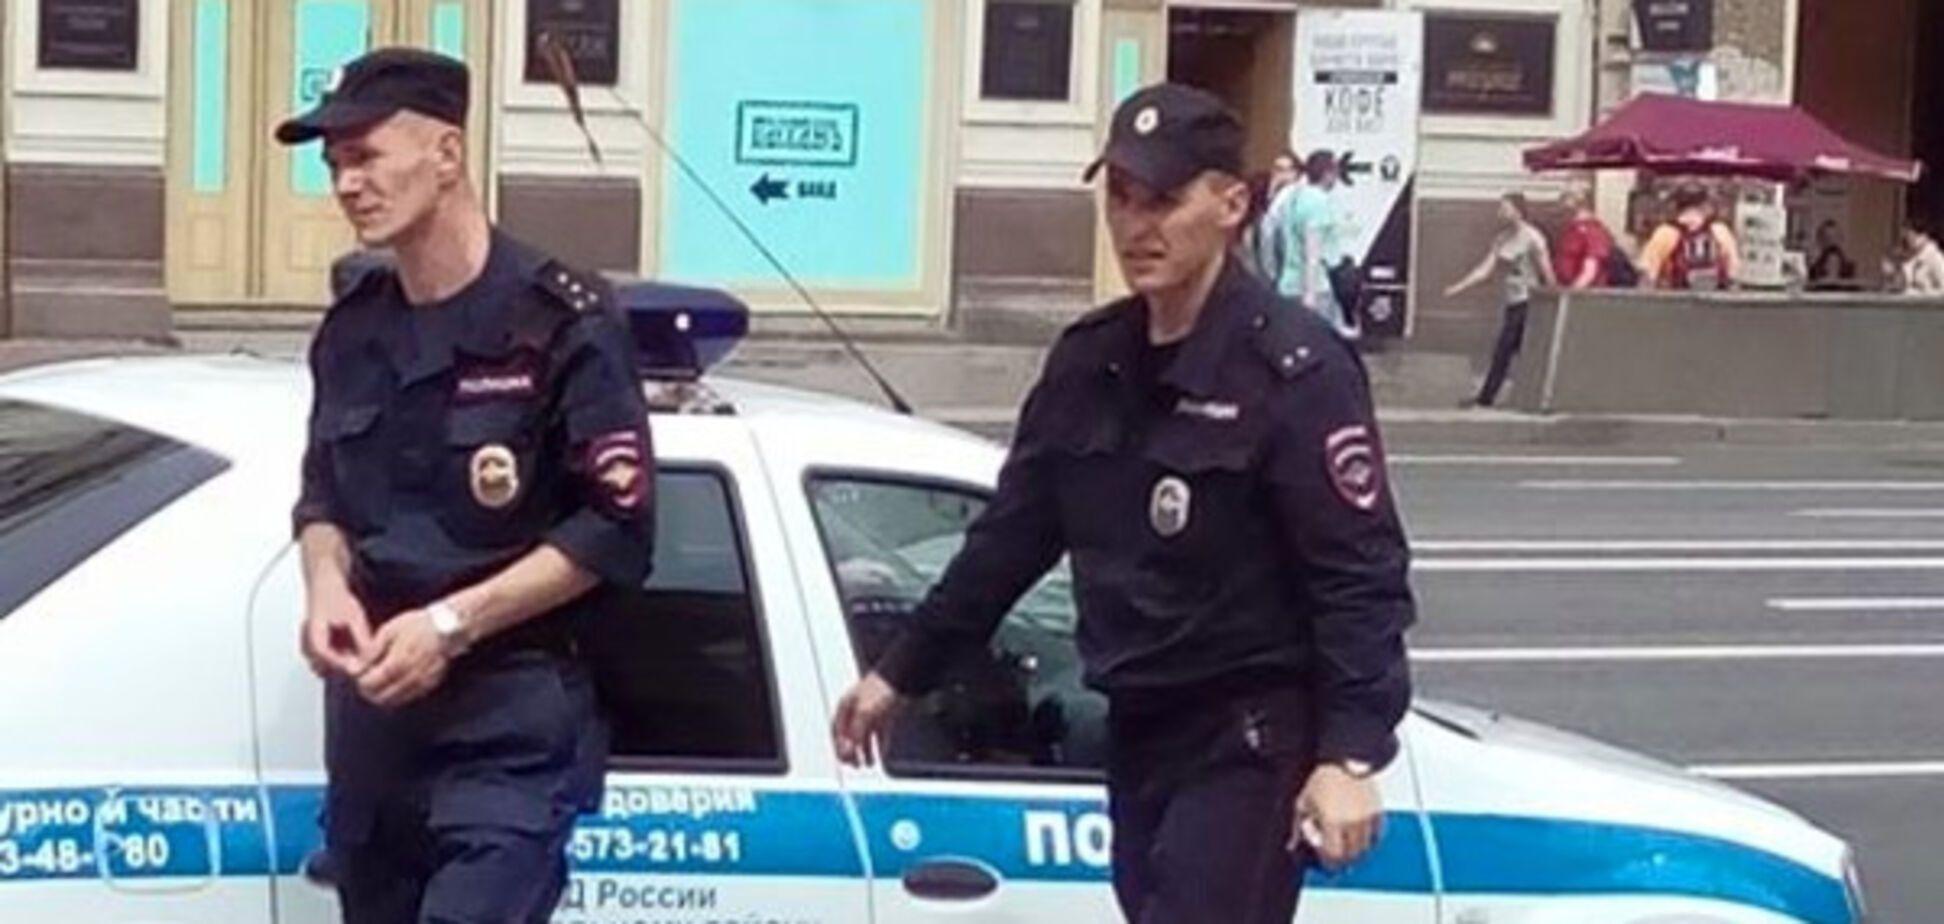 Санкт-Петербург, полиция